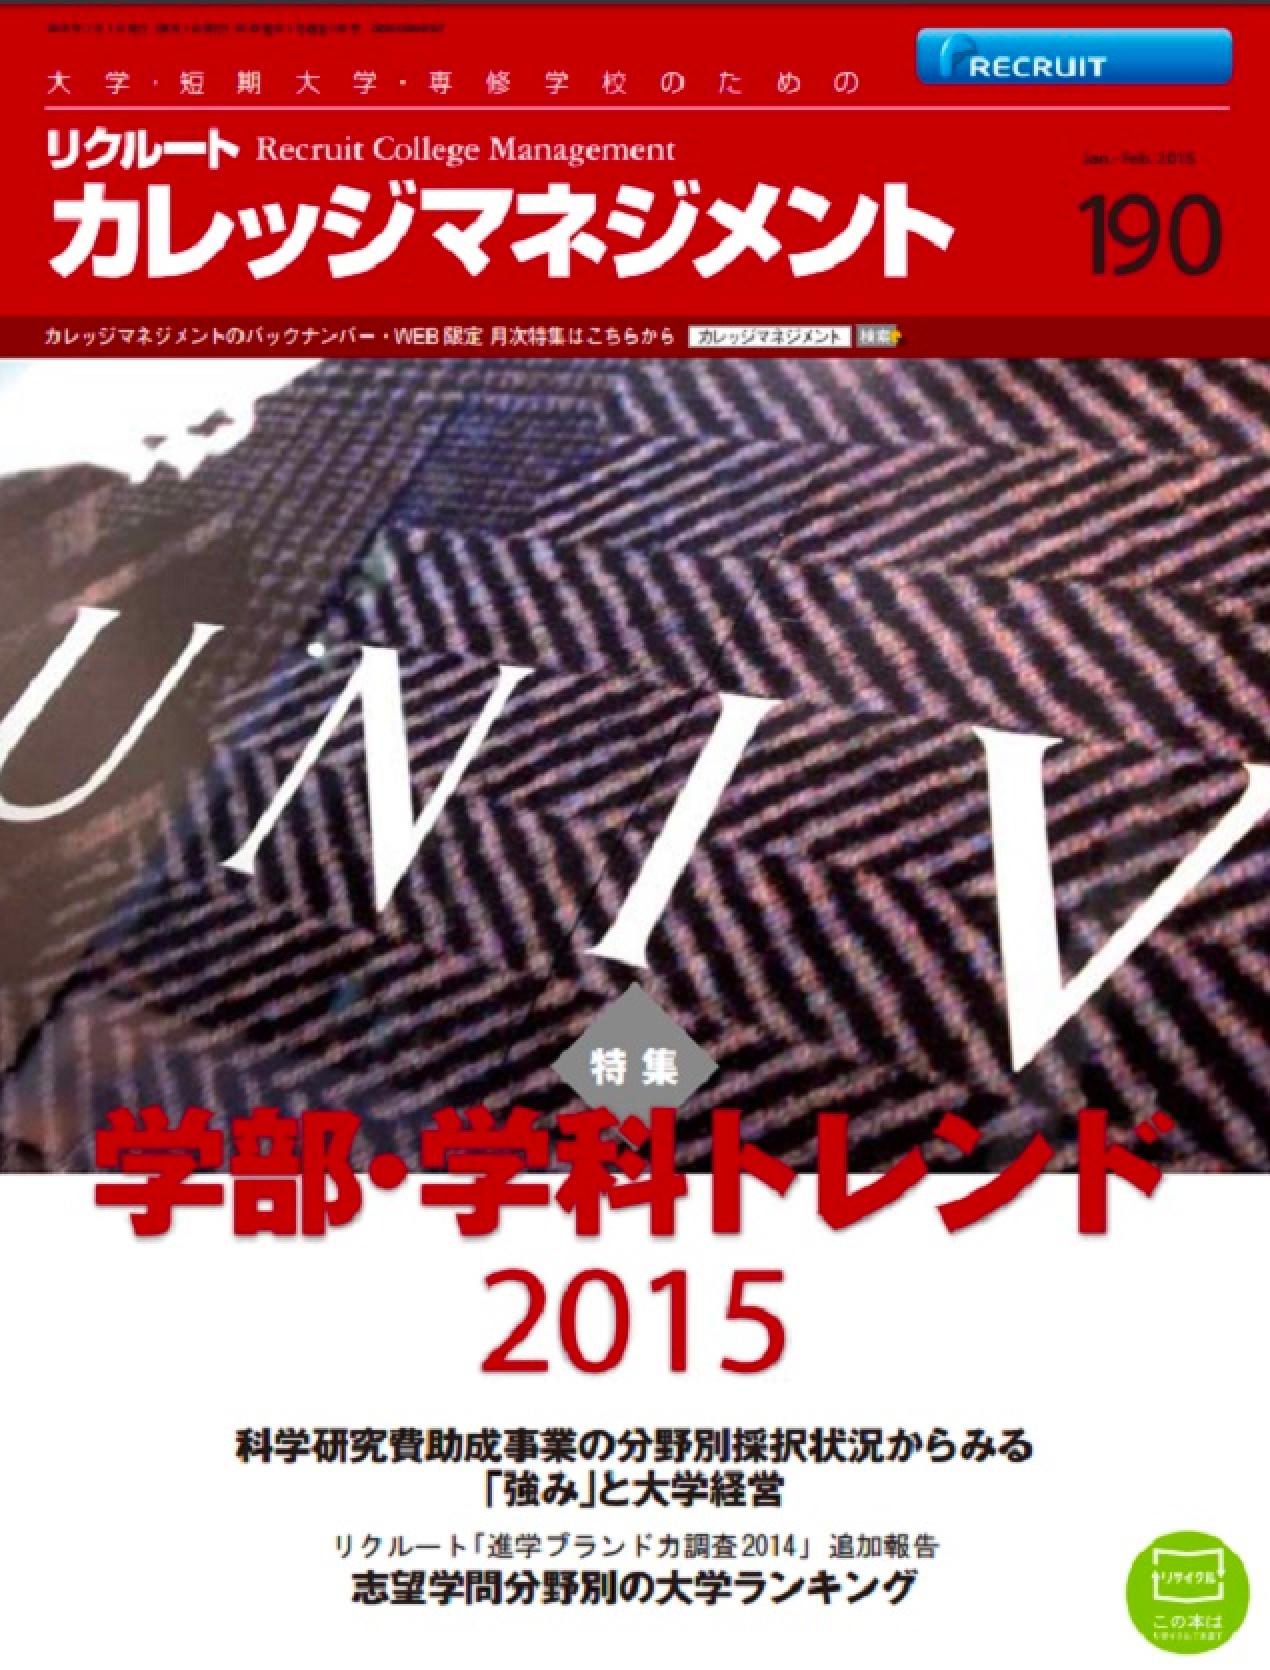 カレッジマネジメント【190】 2015 アベノミクス・東京五輪の影響で変化の兆しが見える「学科のマーケット・トレンド」寺裏誠司表紙